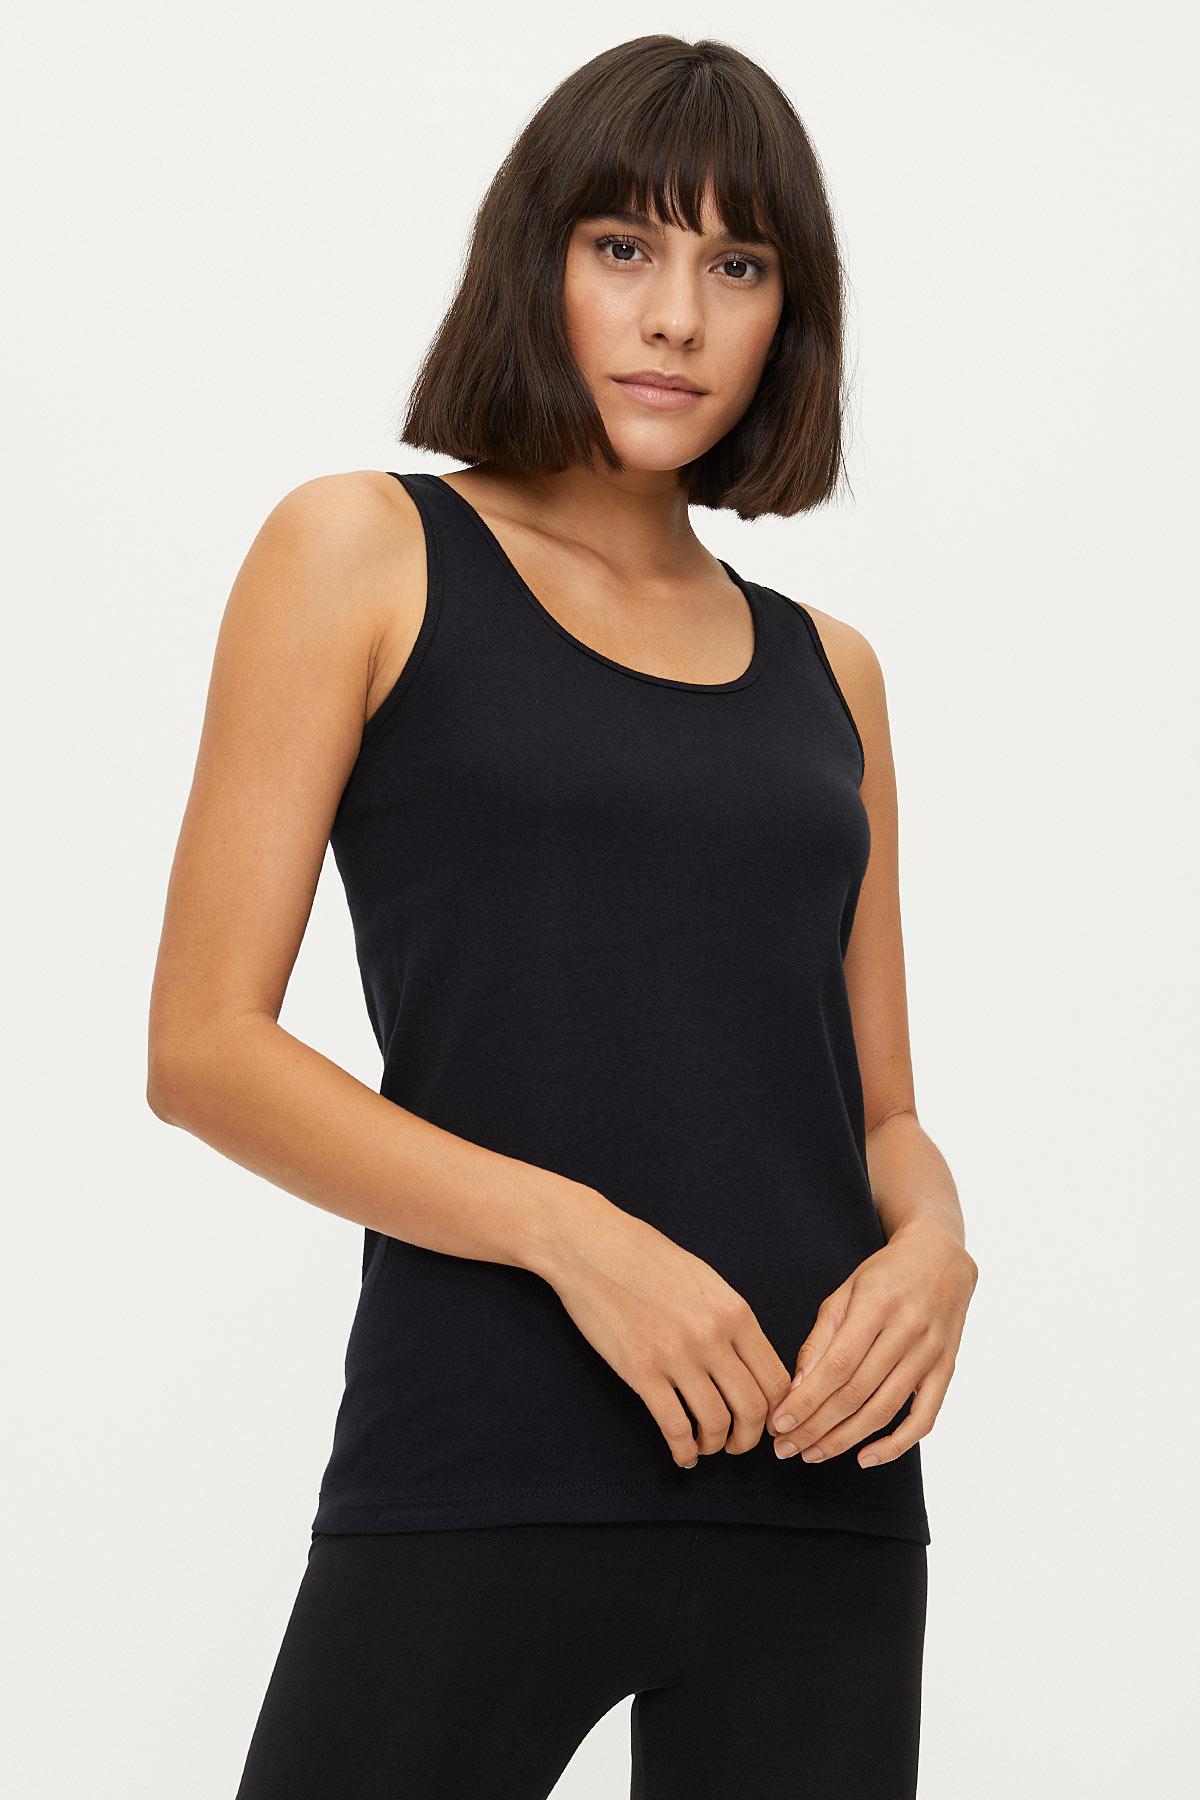 Bross - 1249 %100 Cotton Wide Strappy Ladies Undershirt